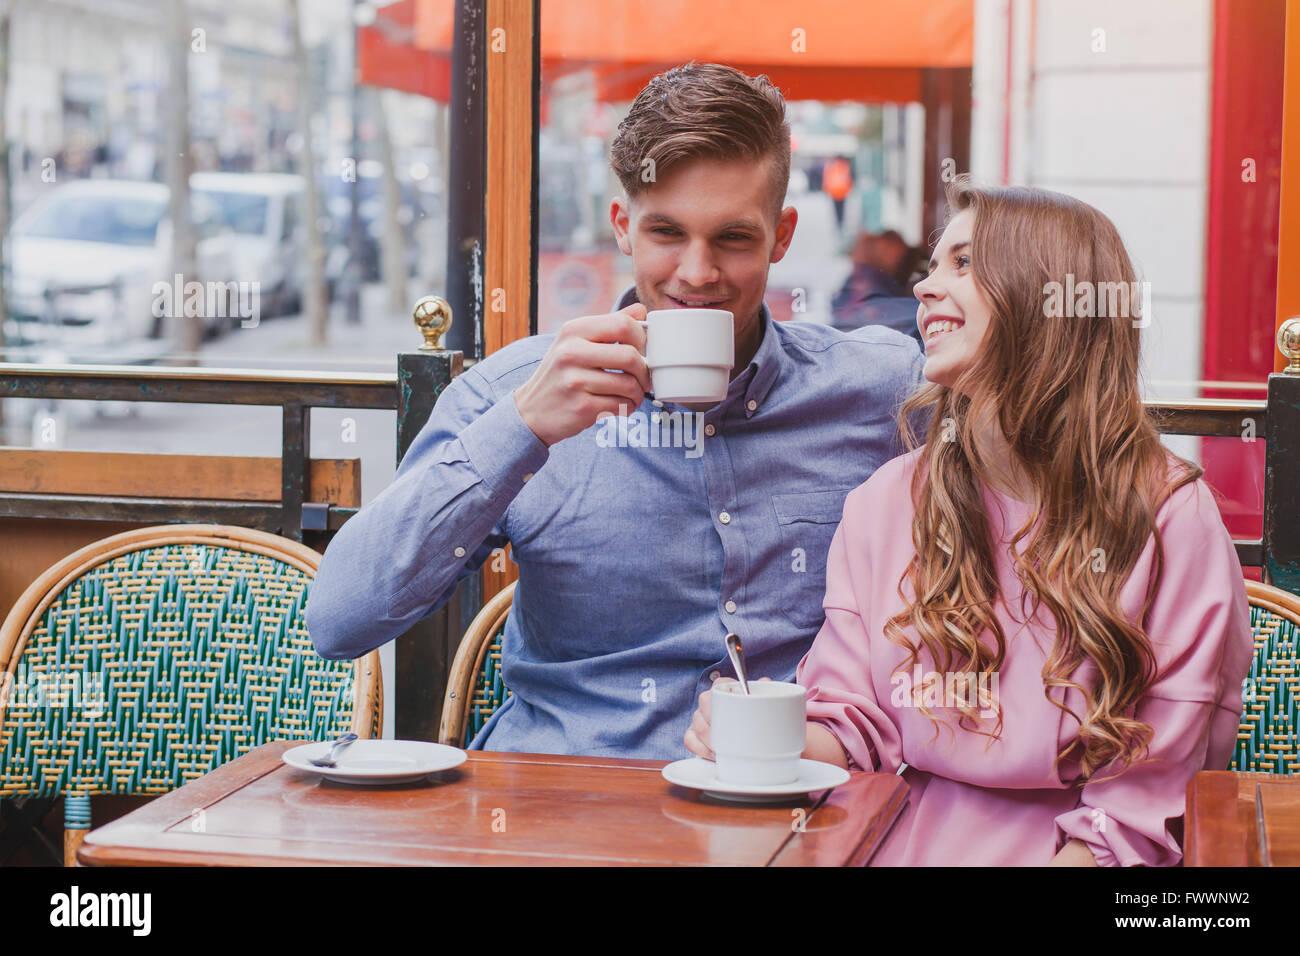 Jeune couple heureux de boire du café et de rire dans le café en Europe, les rencontres, les bons moments positifs Banque D'Images